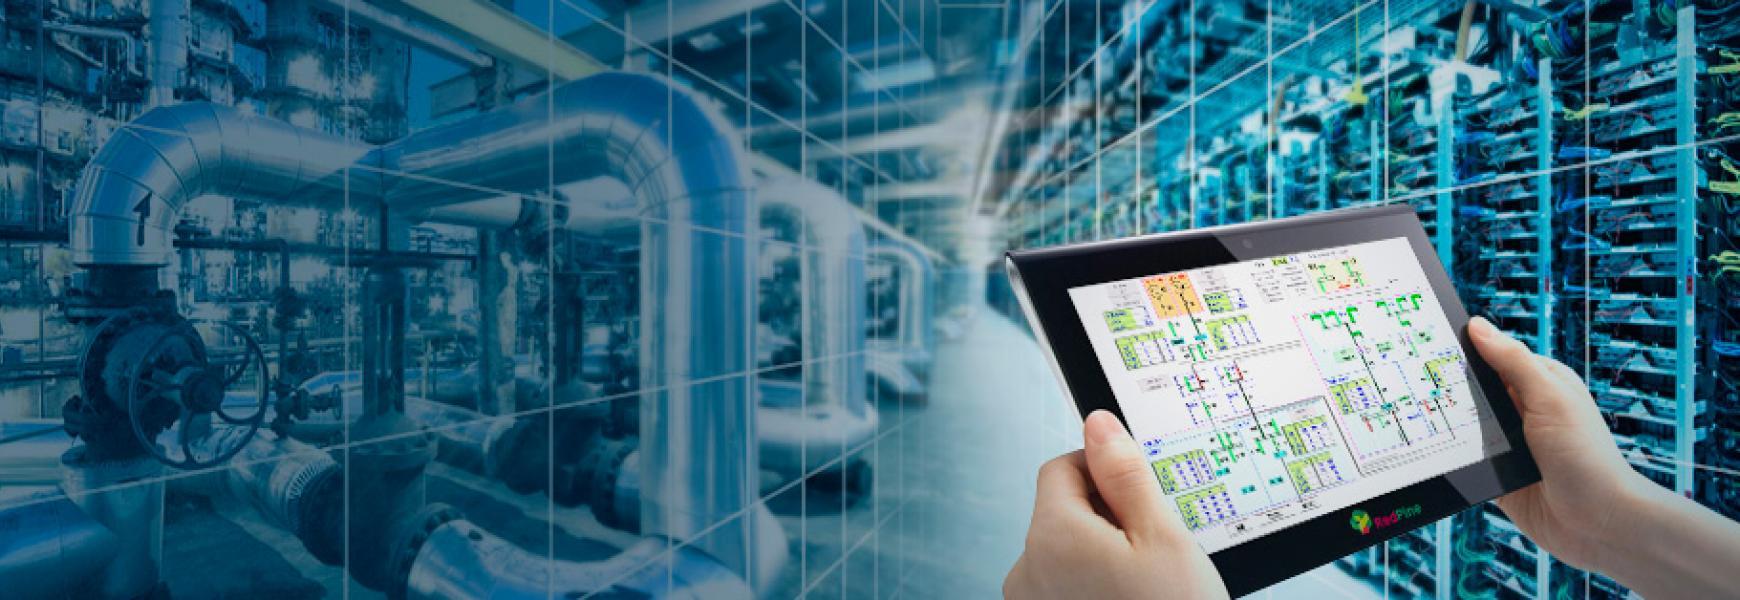 Дипломная работа Автоматизация ВКР Автоматизация  Выполним дипломную работу вкр по автоматизации